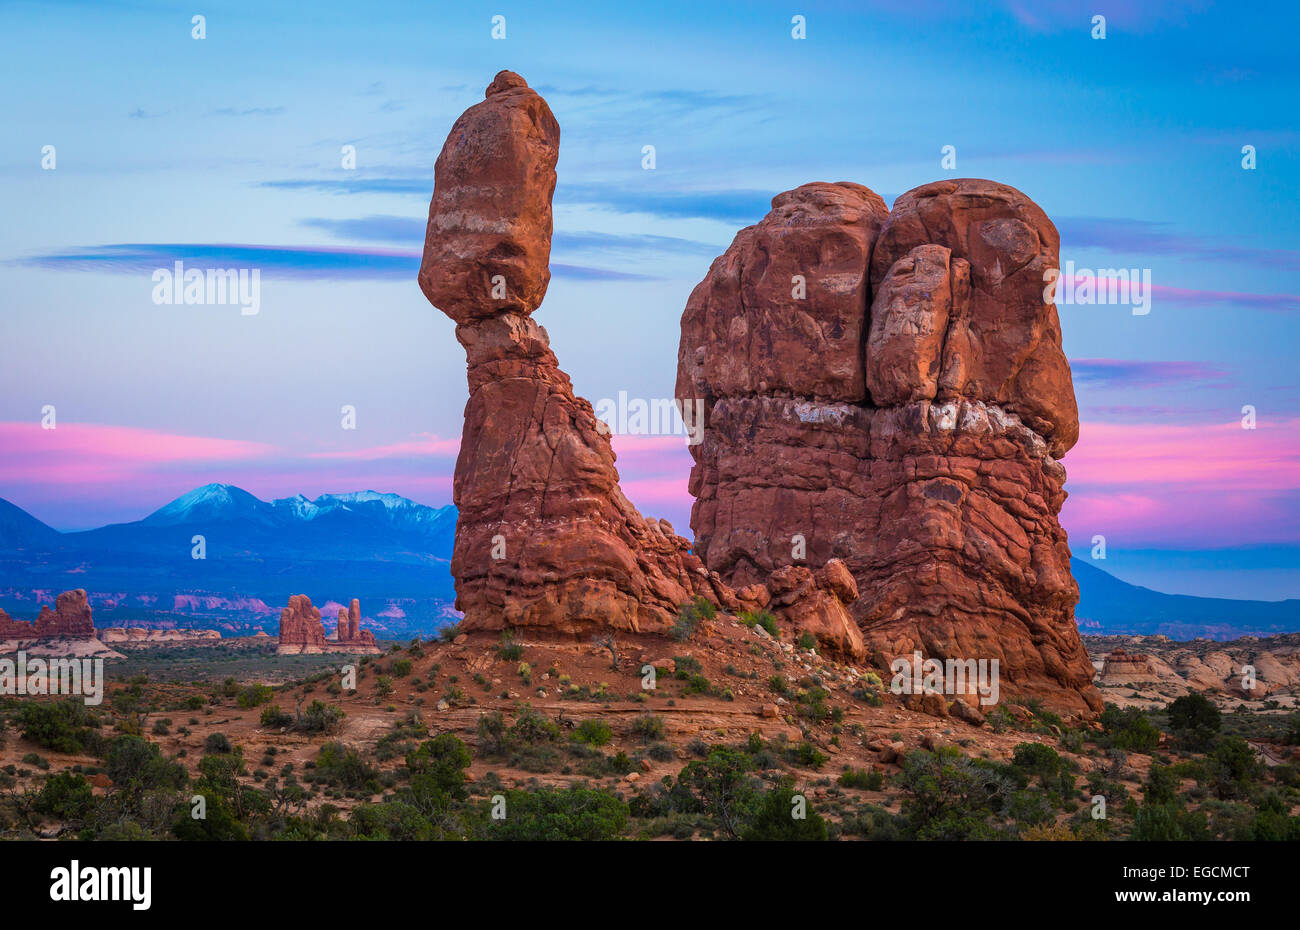 Balanced Rock est l'une des caractéristiques les plus populaires de Arches National Park, situé à Grand County, Utah, United States. Banque D'Images